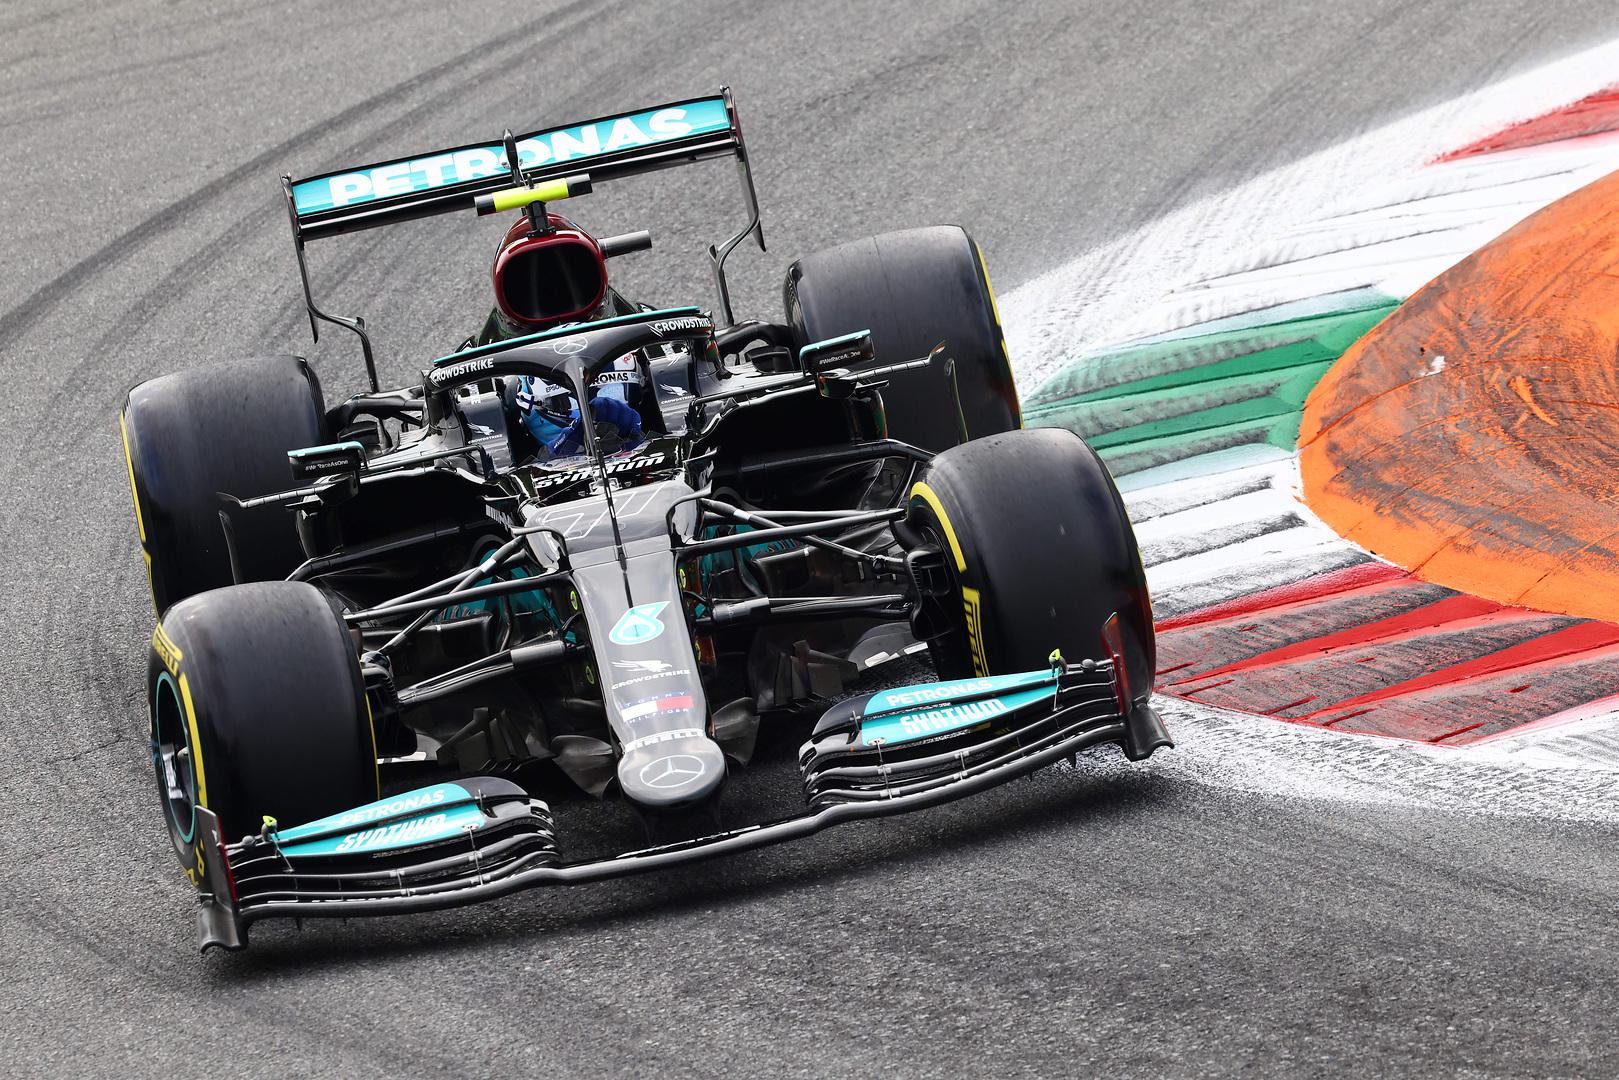 Italijoje surengtose sprinto lenktynėse nugalėjo V. Bottas